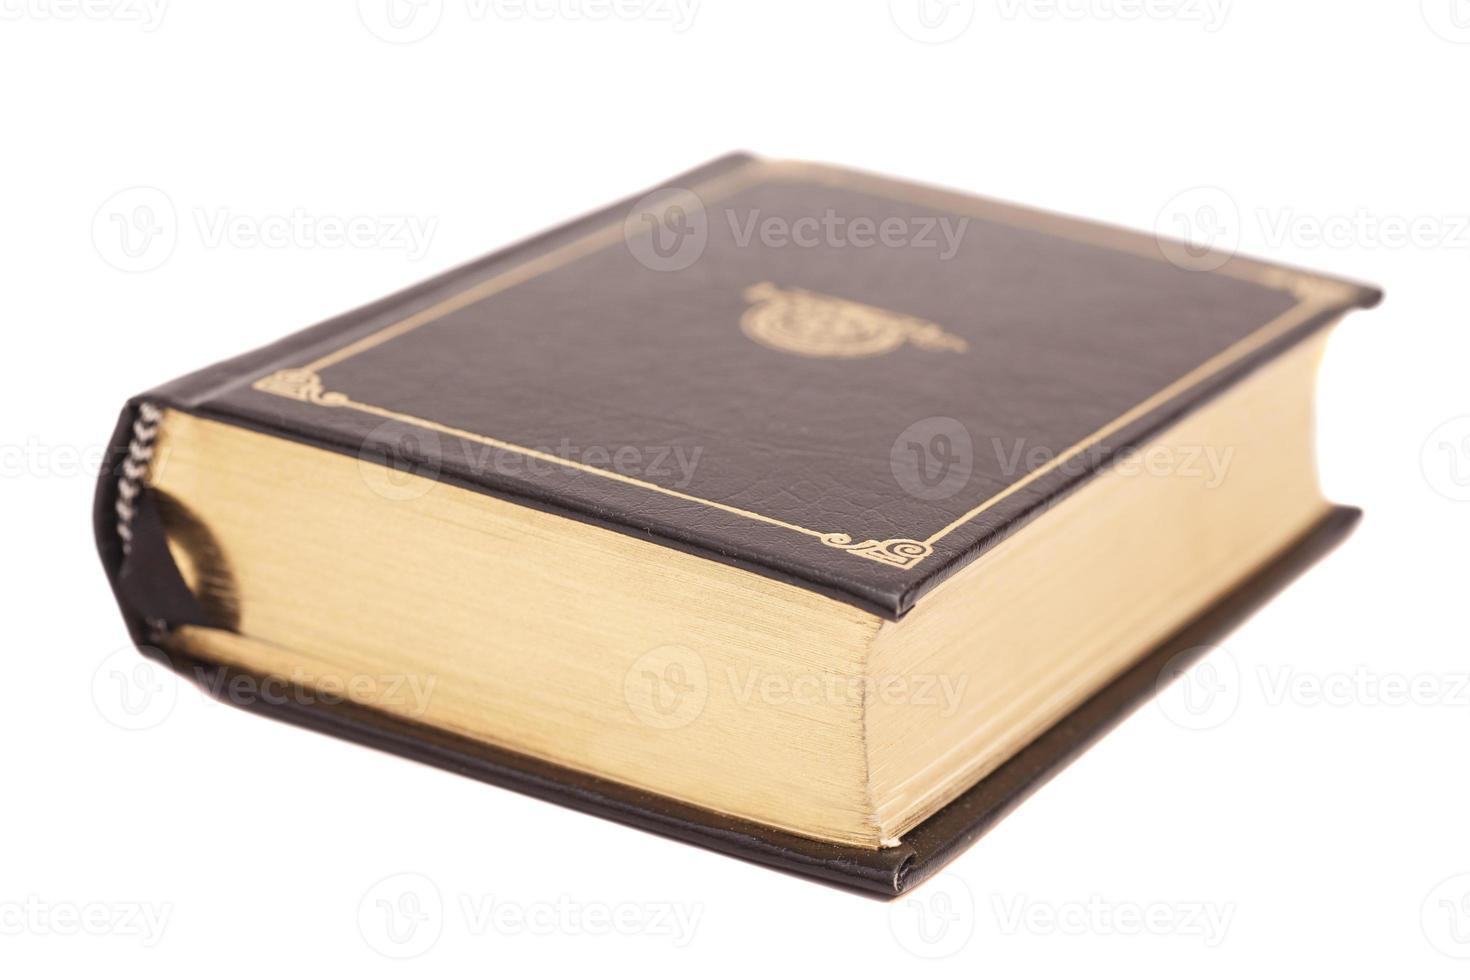 copertina del libro isolato su sfondo bianco foto